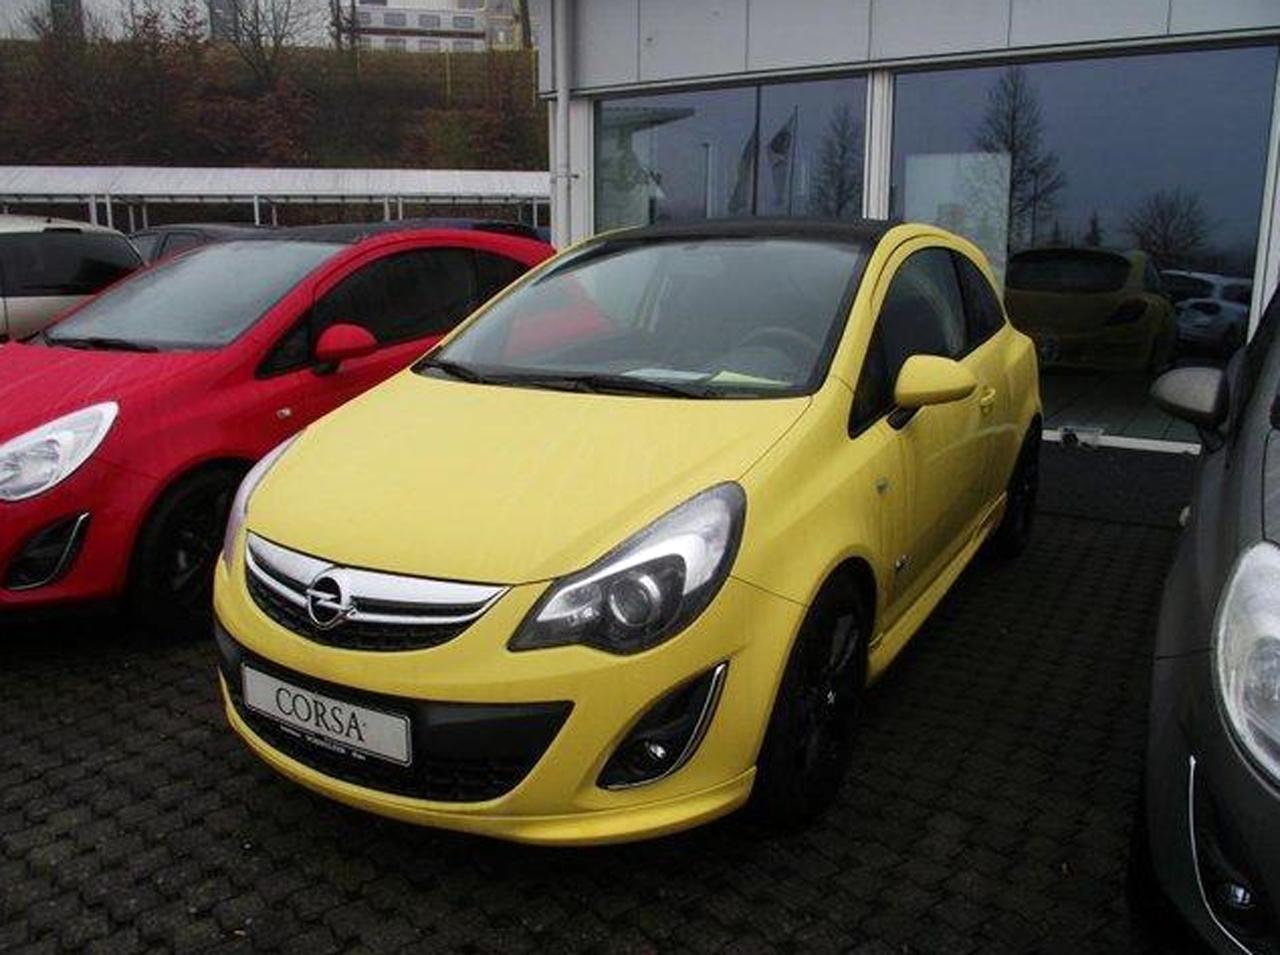 fileopel corsa color editionjpg - Opel Corsa Color Edition